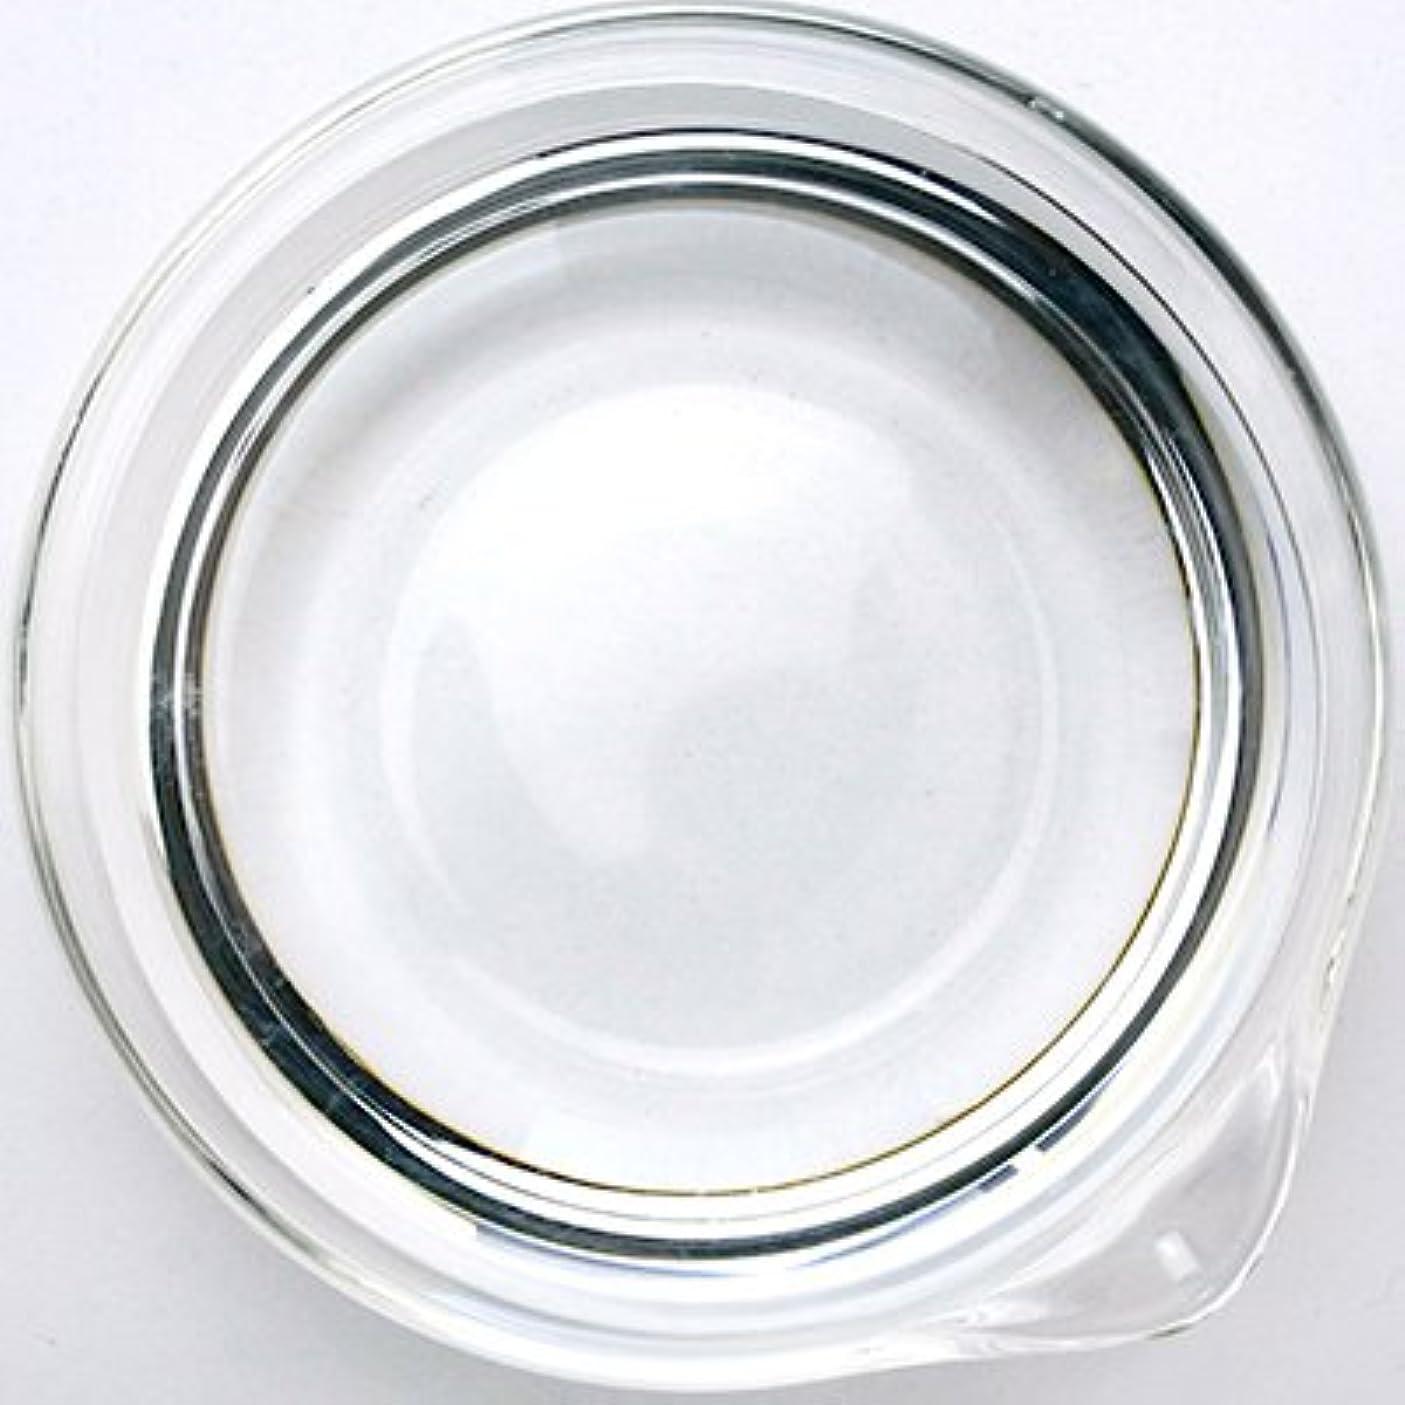 宝石突き刺す放棄1,2-ヘキサンジオール 10ml 【防腐剤/抗菌剤/保湿剤/手作りコスメ】